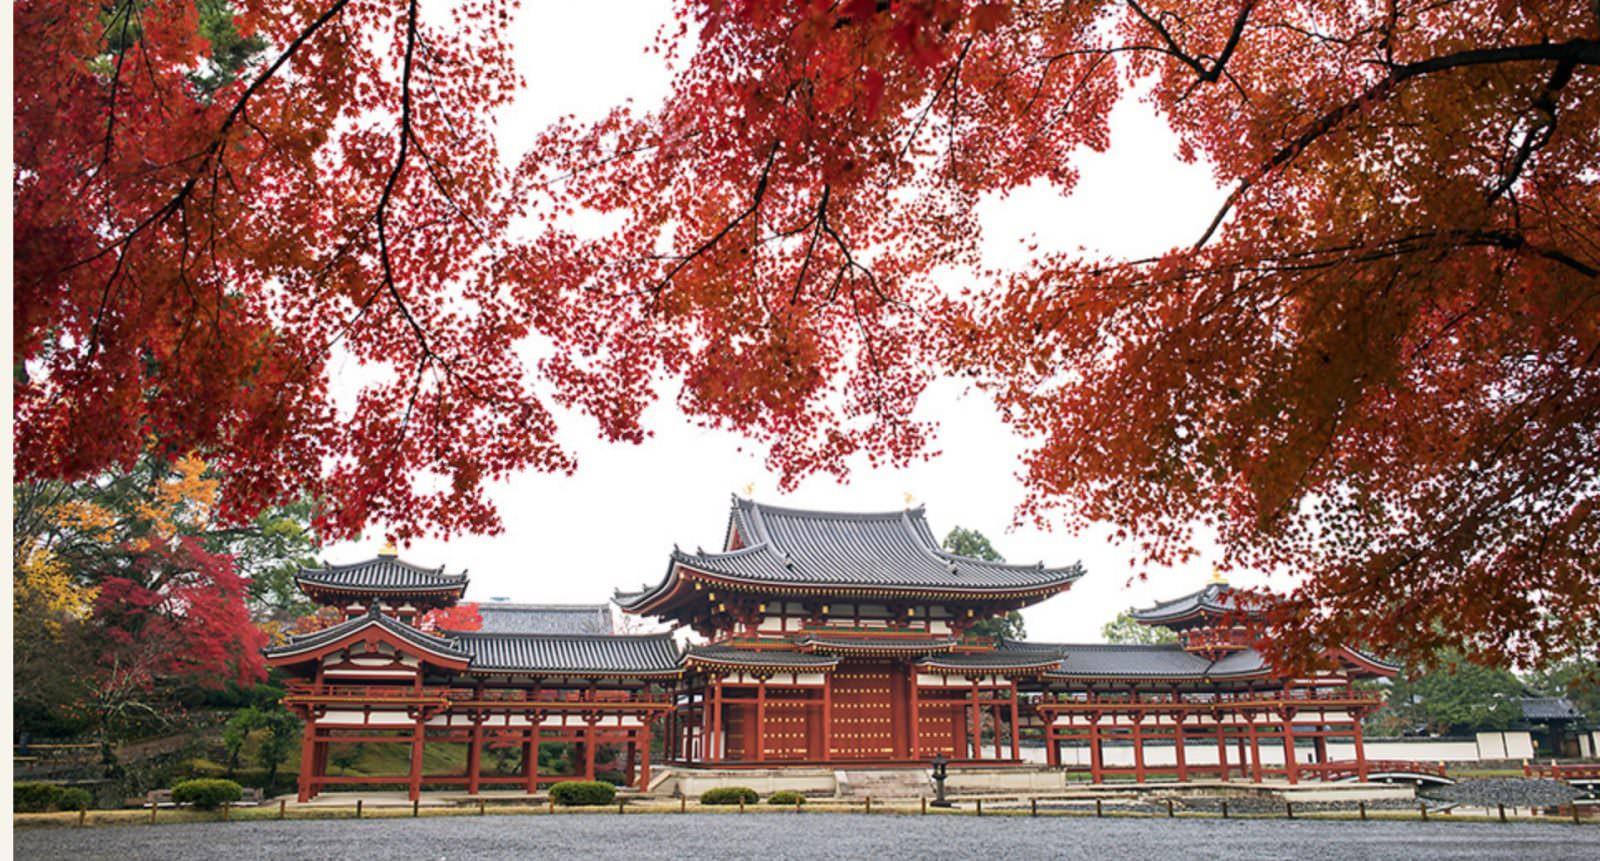 紅葉的季節整個寺院豔紅如火。圖片來源:平等院